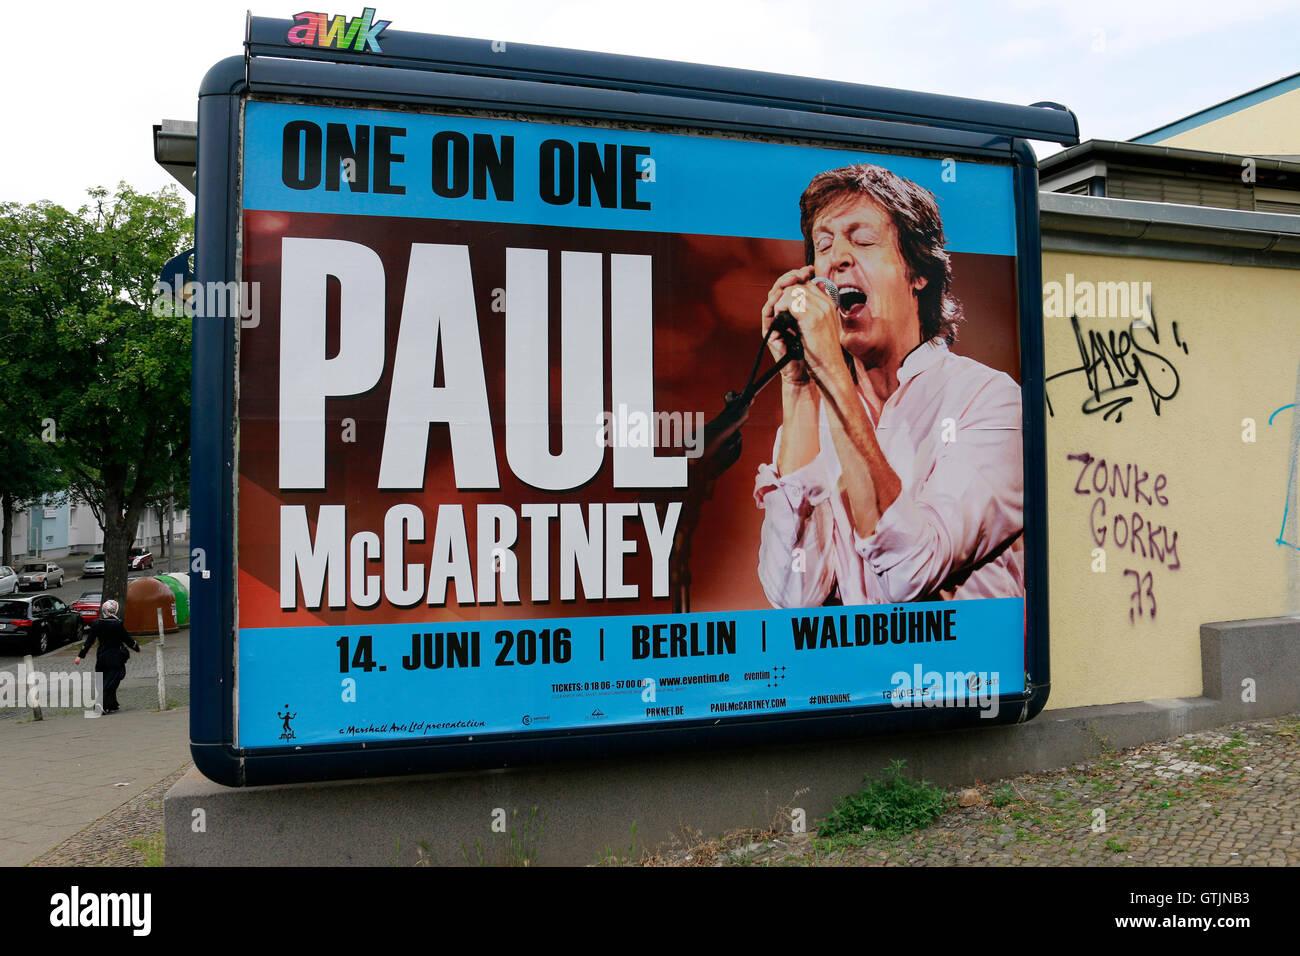 Plakat Mit Werbung Fuer Ein Konzert von Paul McCartney, Berlin. Stockbild